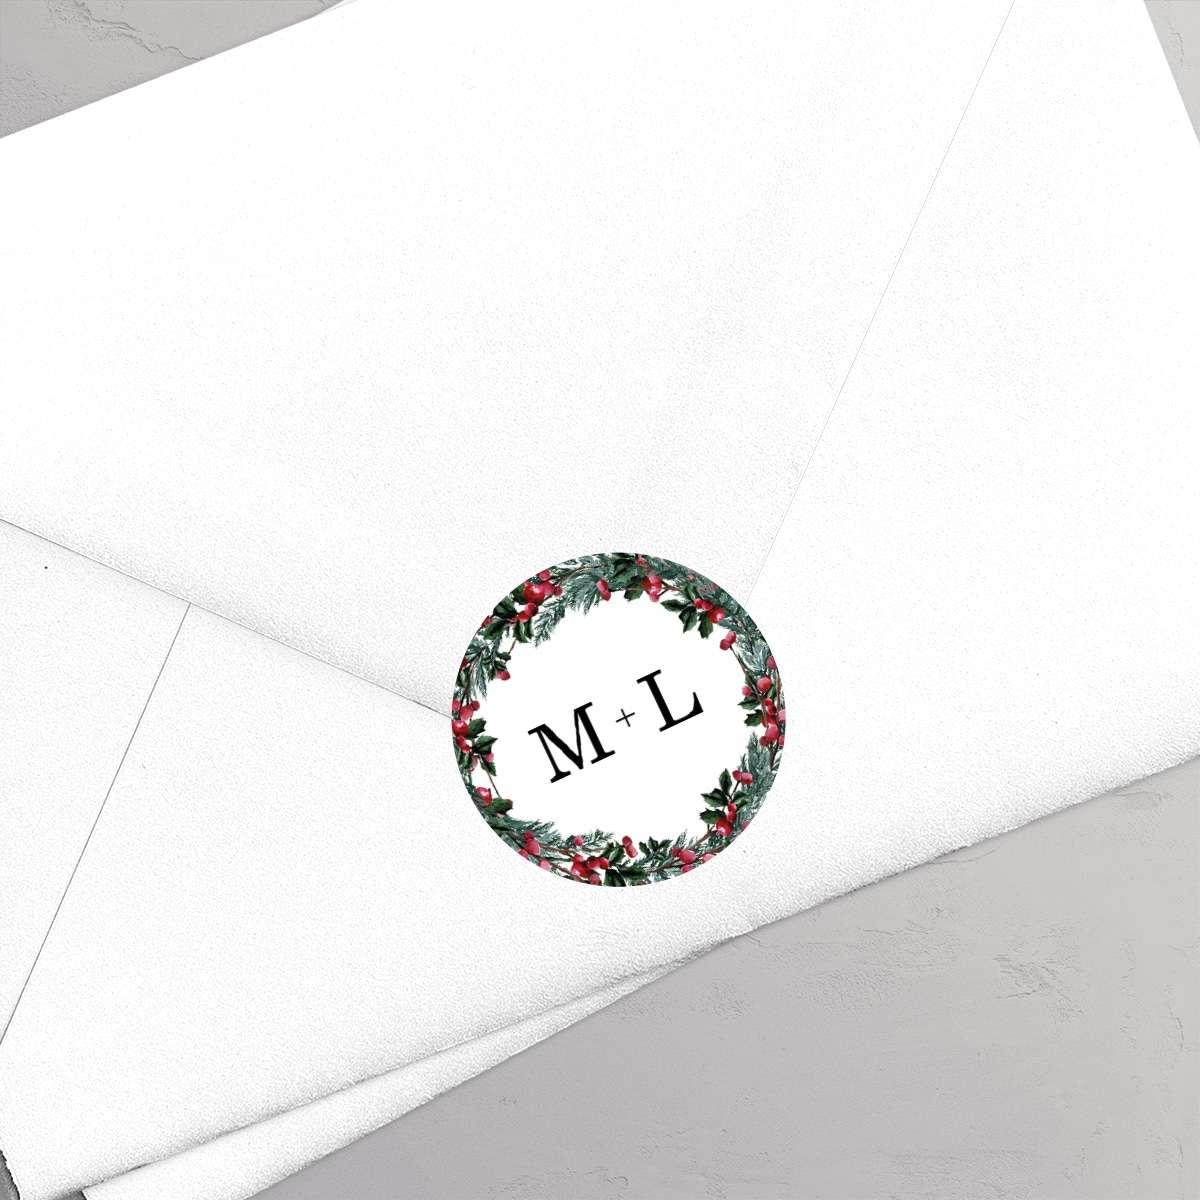 Klistermærke med monogram til bryllupsinvitationen Winter Wreath. Et smukt design til et vinterbryllup med krans i gran, kristtjørn og grene med røde bær.